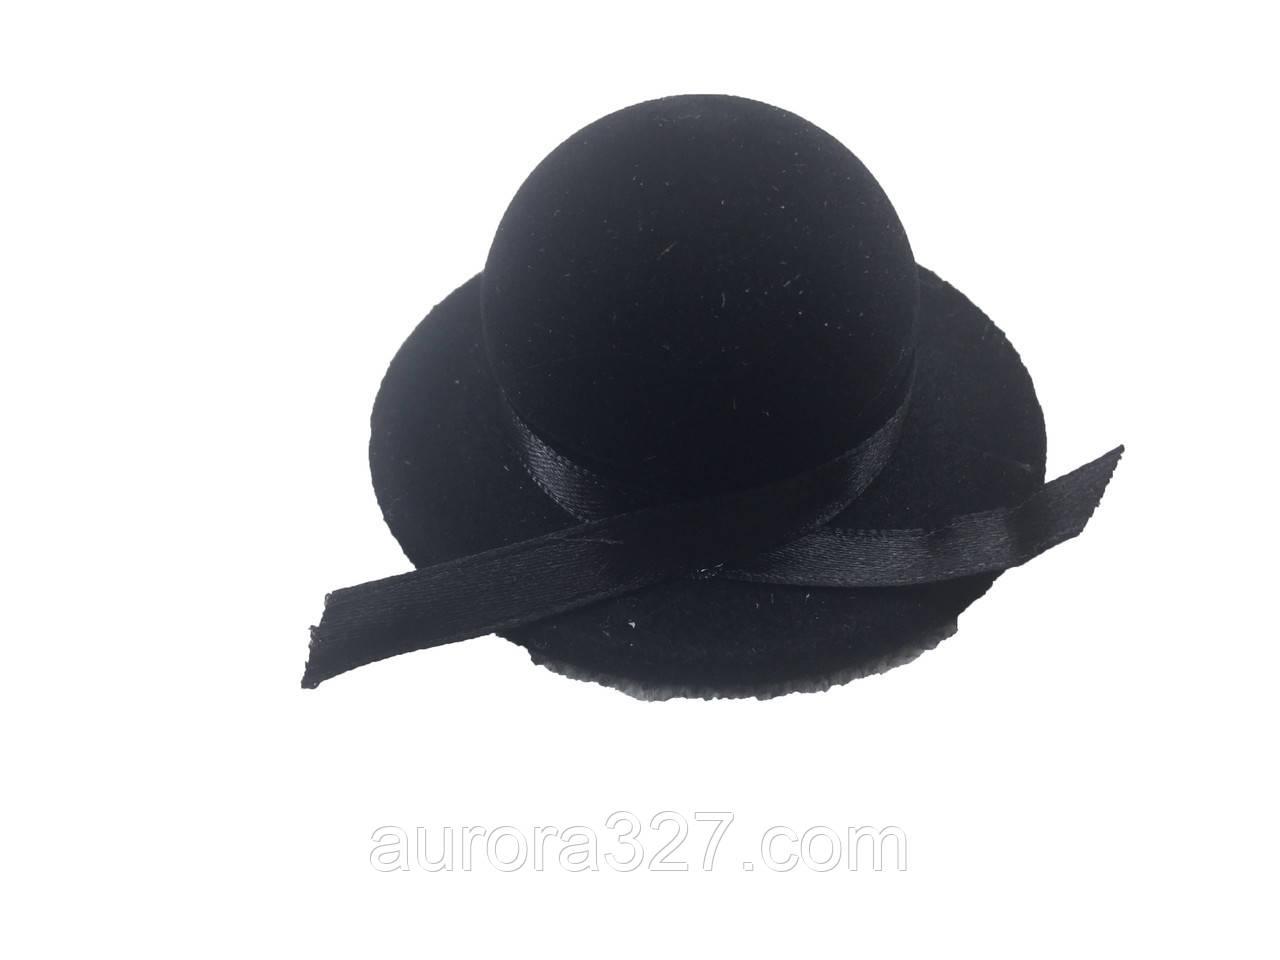 """Футляр под кольцо """"Шляпа"""" черная"""